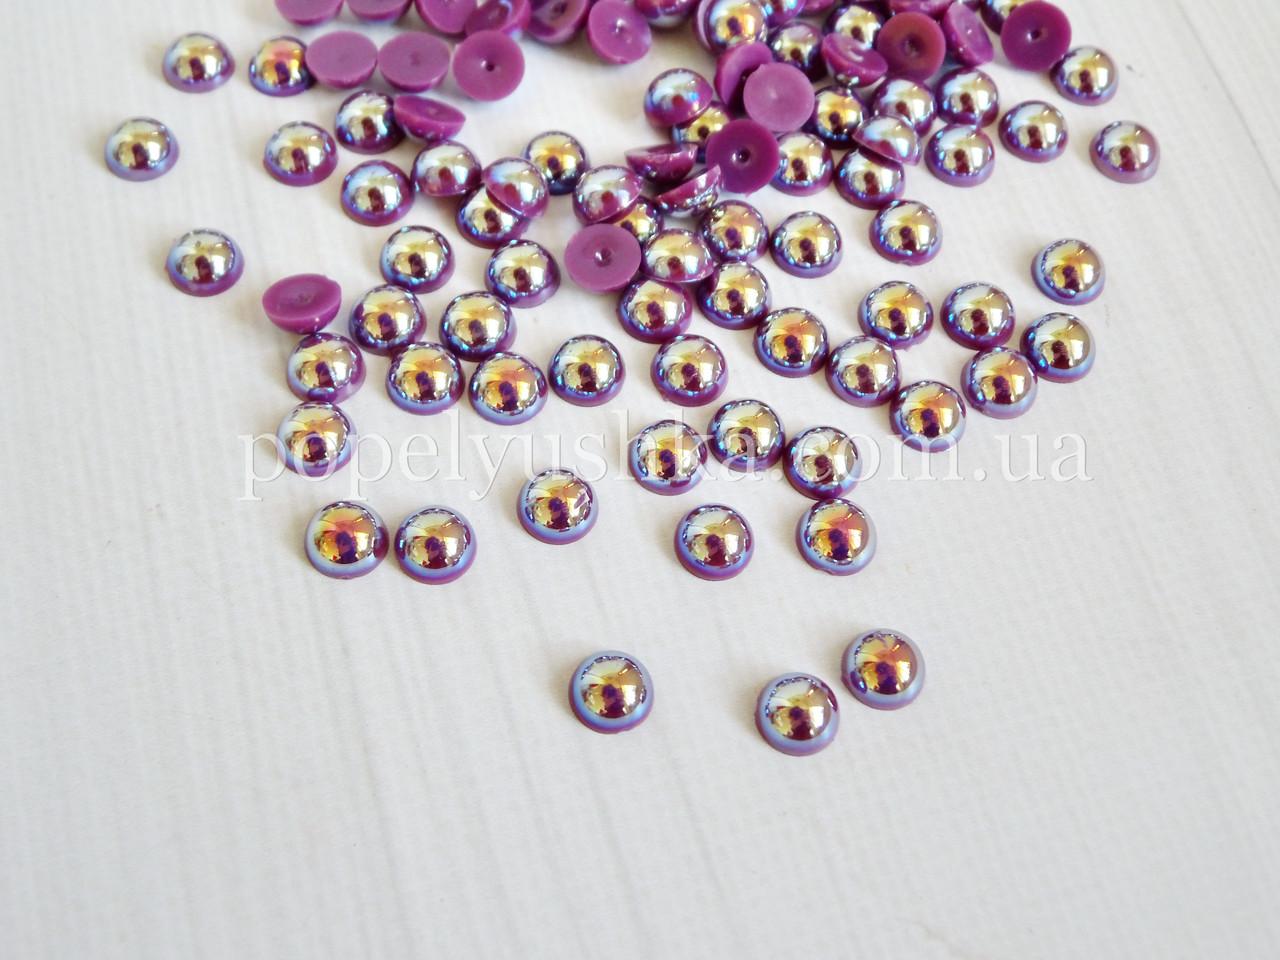 Половинки намистин 8 мм фіолетові хамелеони